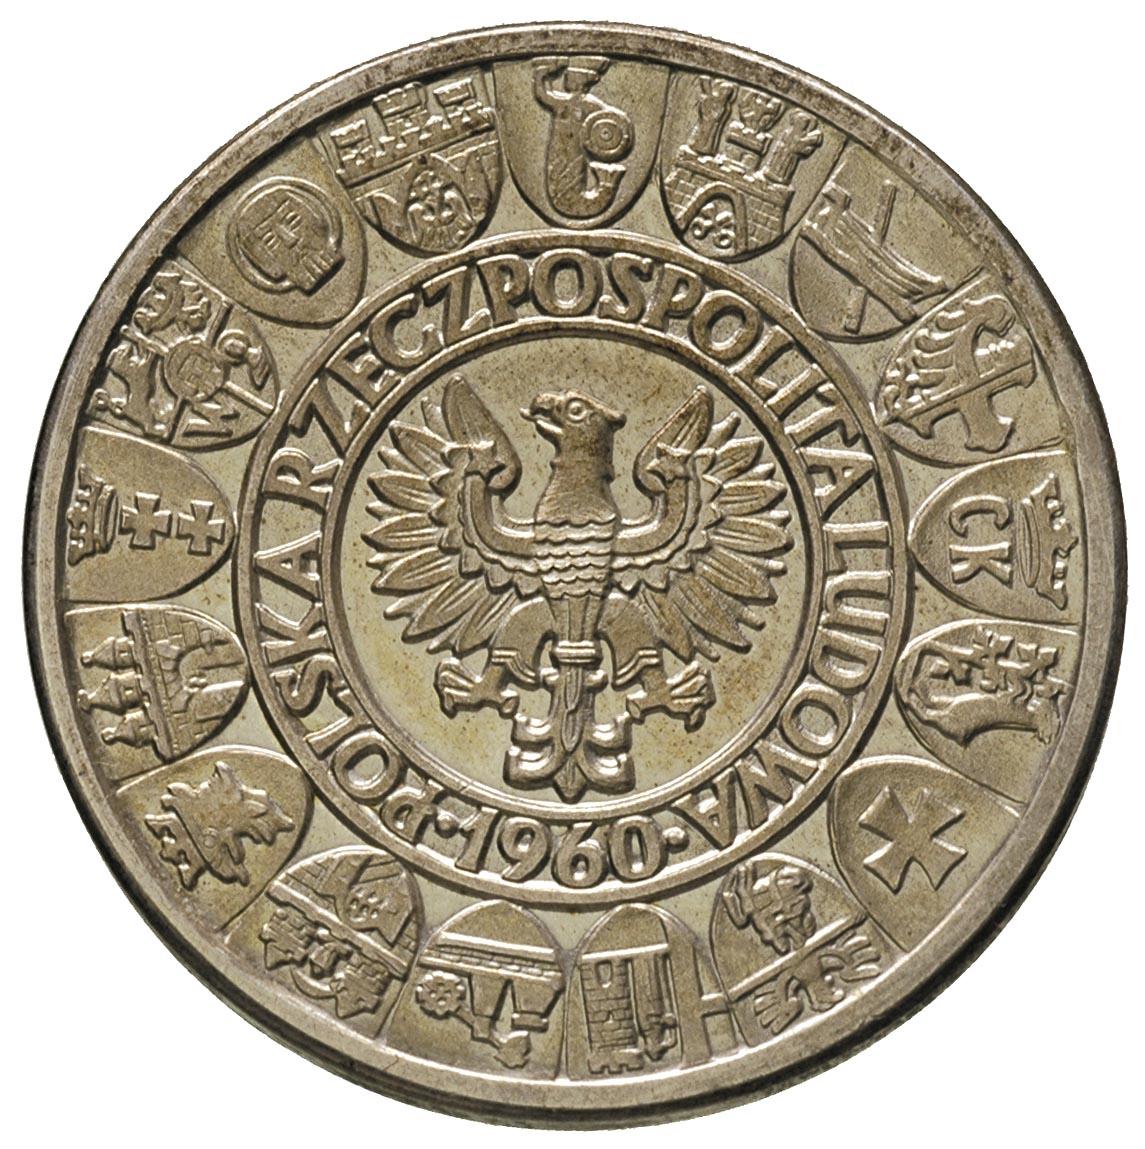 Монета polska rzeczpospolita ludowa монета 1 рубль 1990 года цена